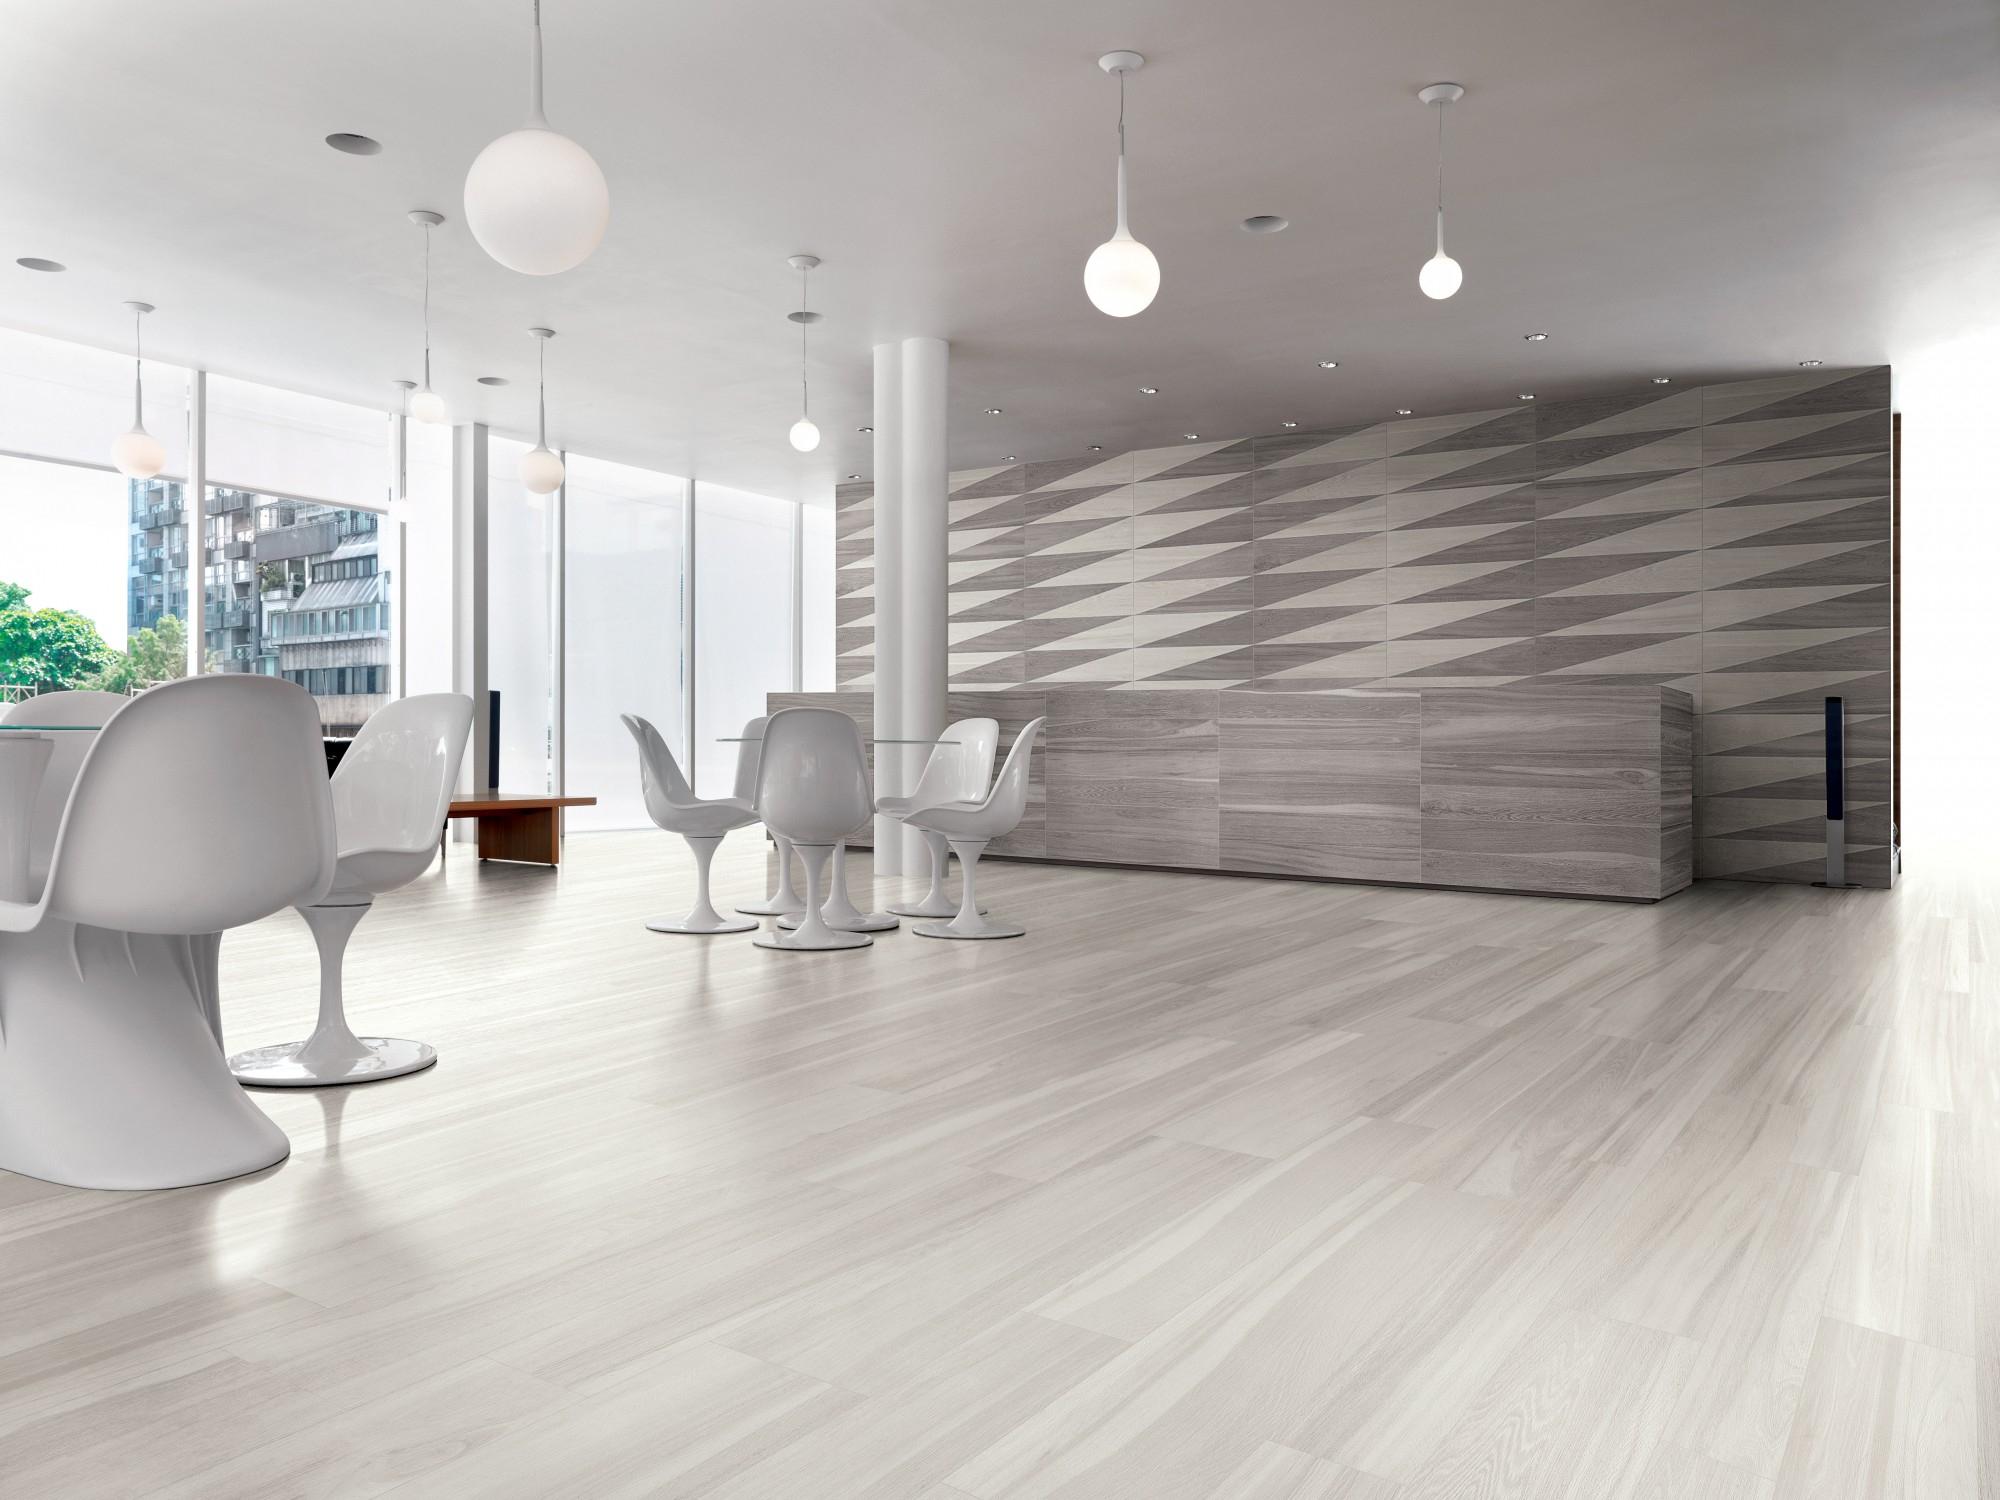 carrelage imitation parquet quelle couleur livraison. Black Bedroom Furniture Sets. Home Design Ideas